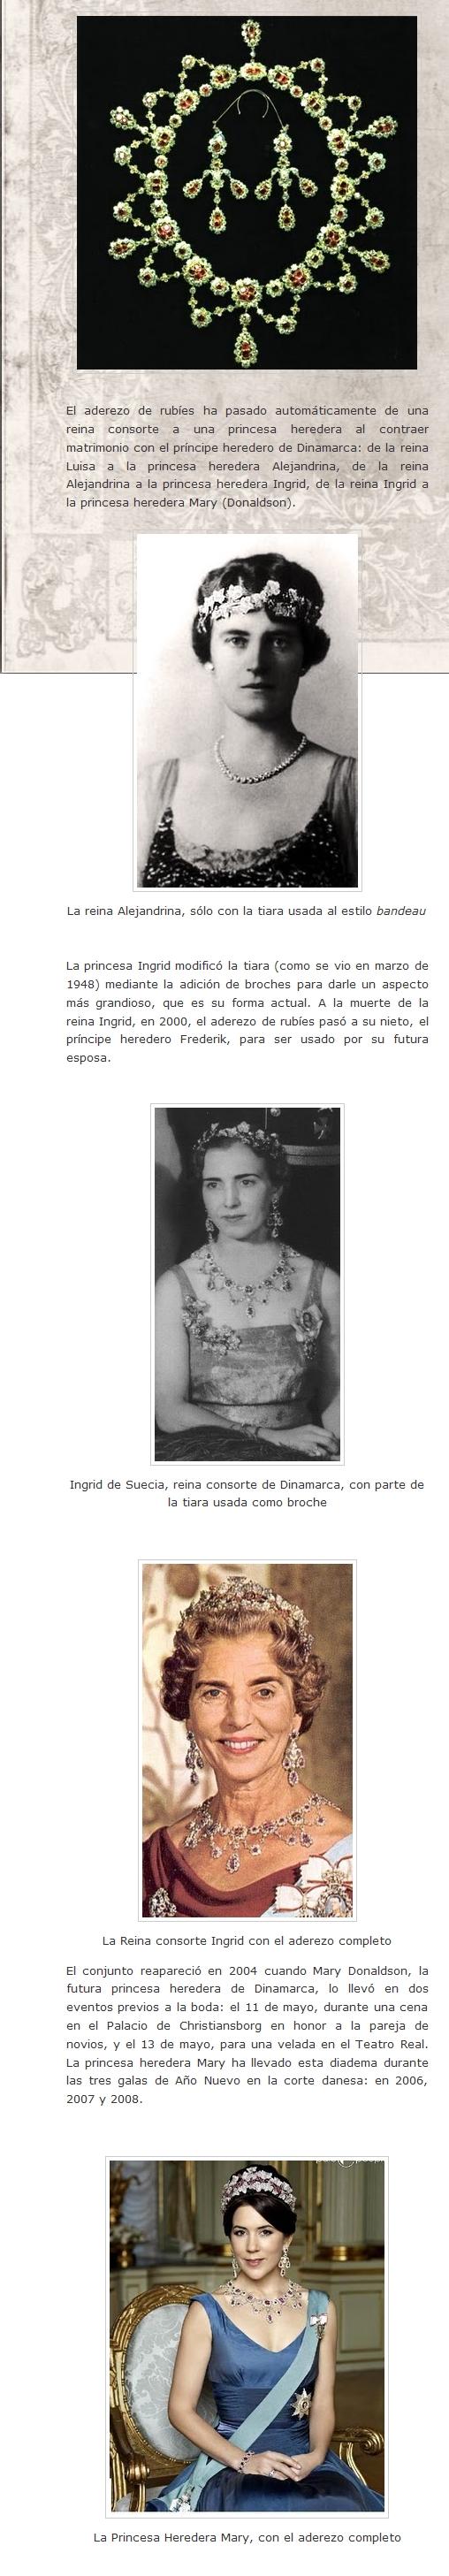 JOYAS DE LA CASA REAL DE DINAMARCA 51828374